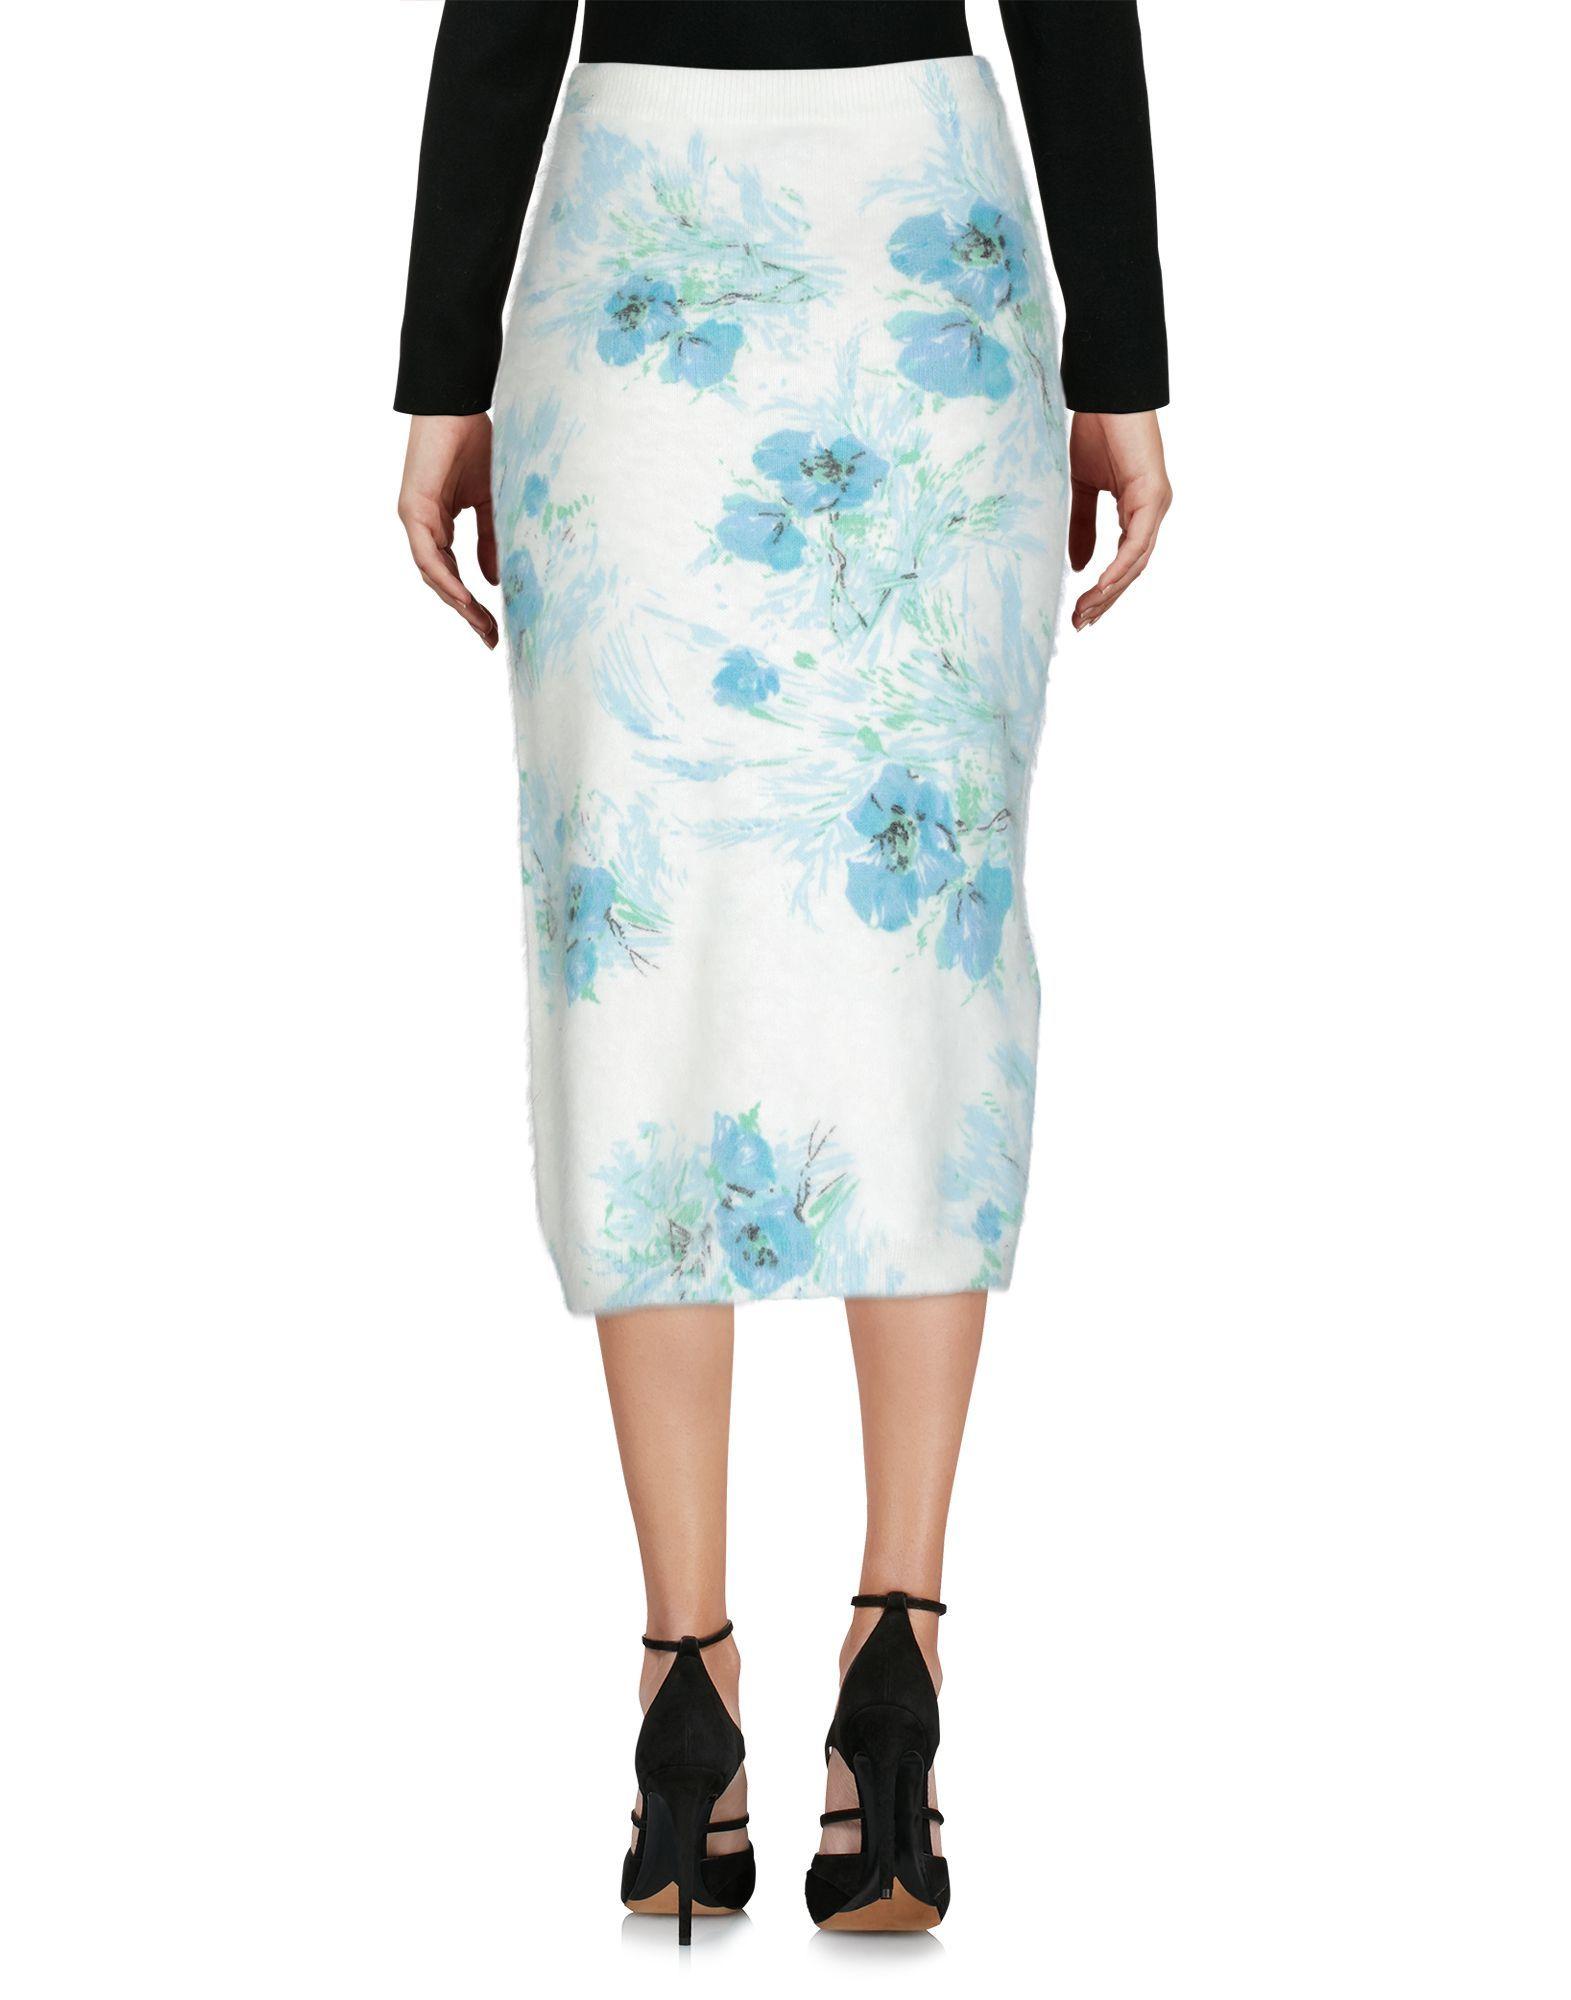 Prada White Angora Lightweight Knit Skirt